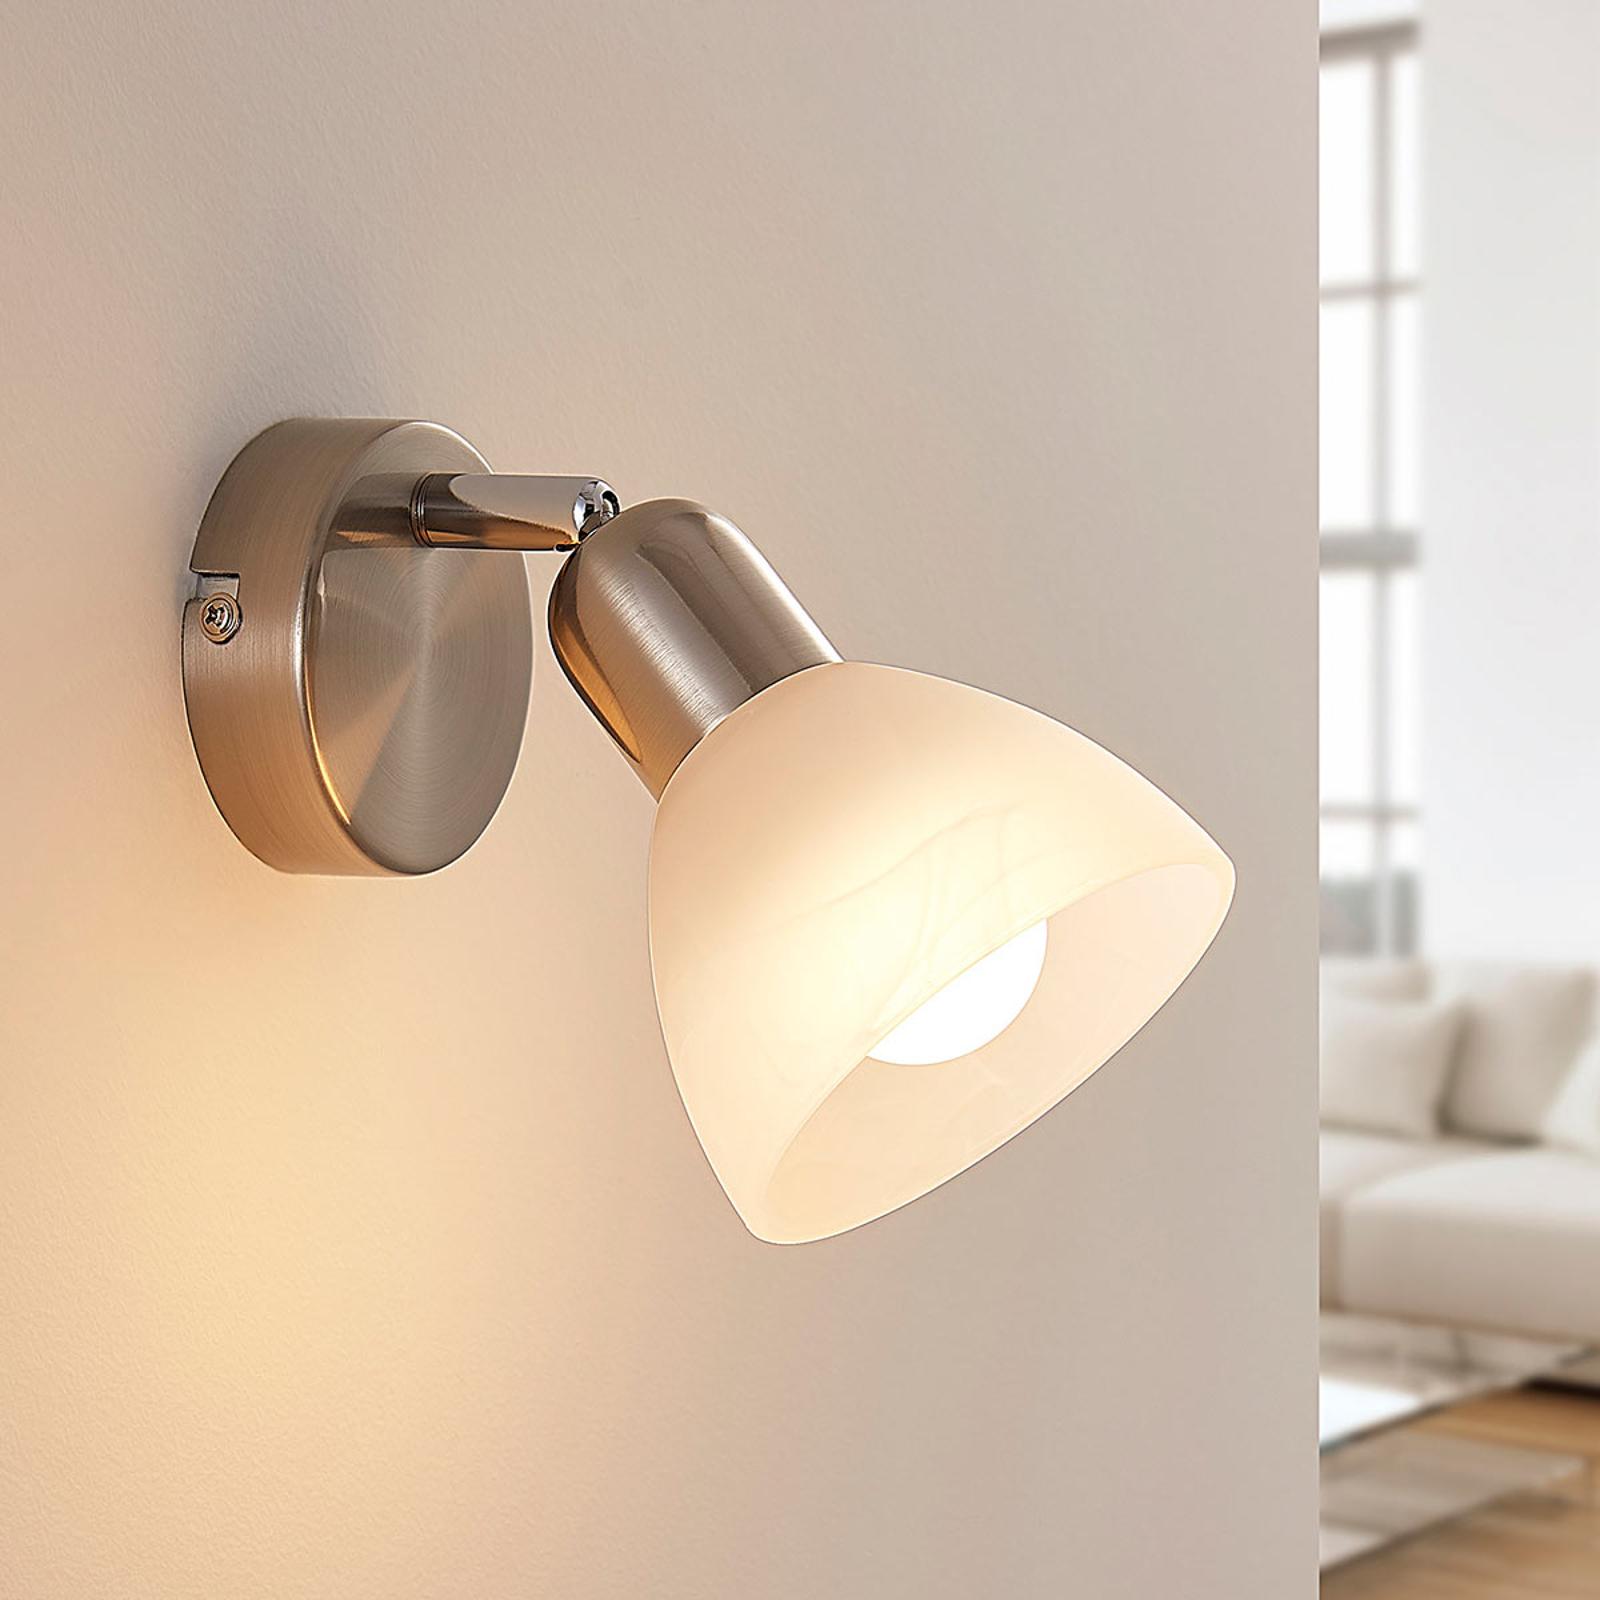 LED wandlamp Paulina, gesatineerd nikkel